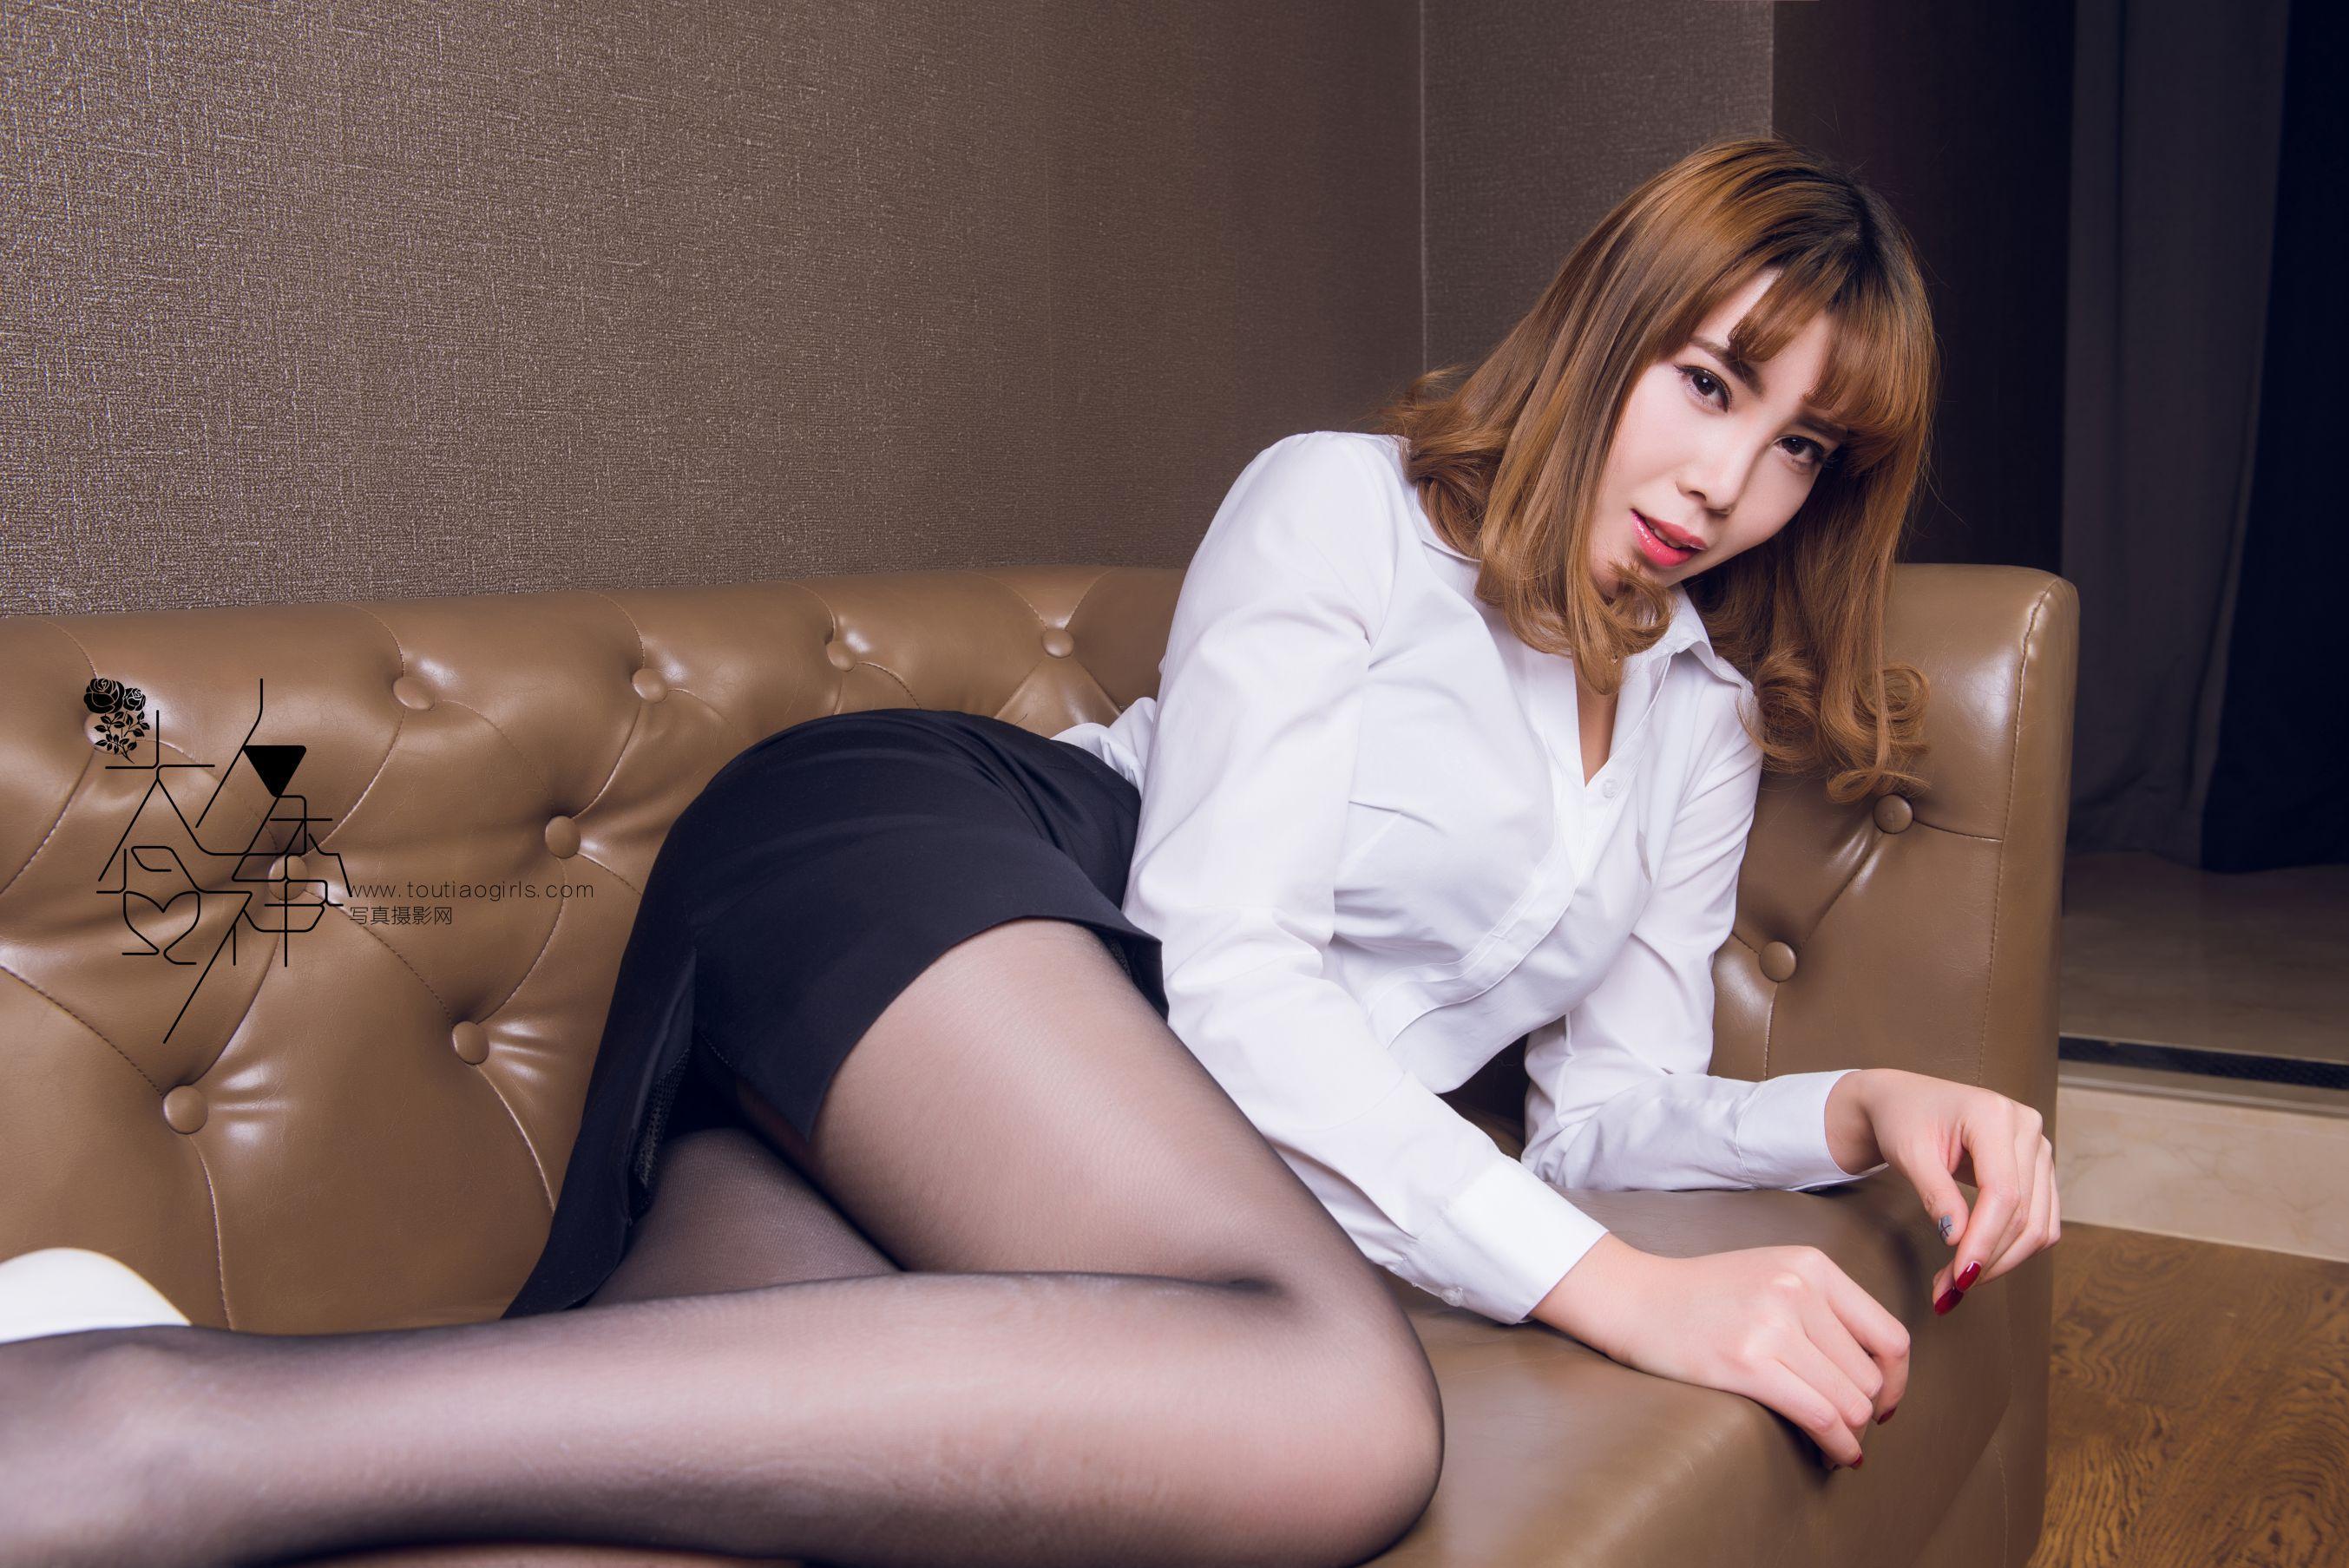 欧美黑丝制服_办公室秘书黑丝美腿制服诱惑翘臀写真图片